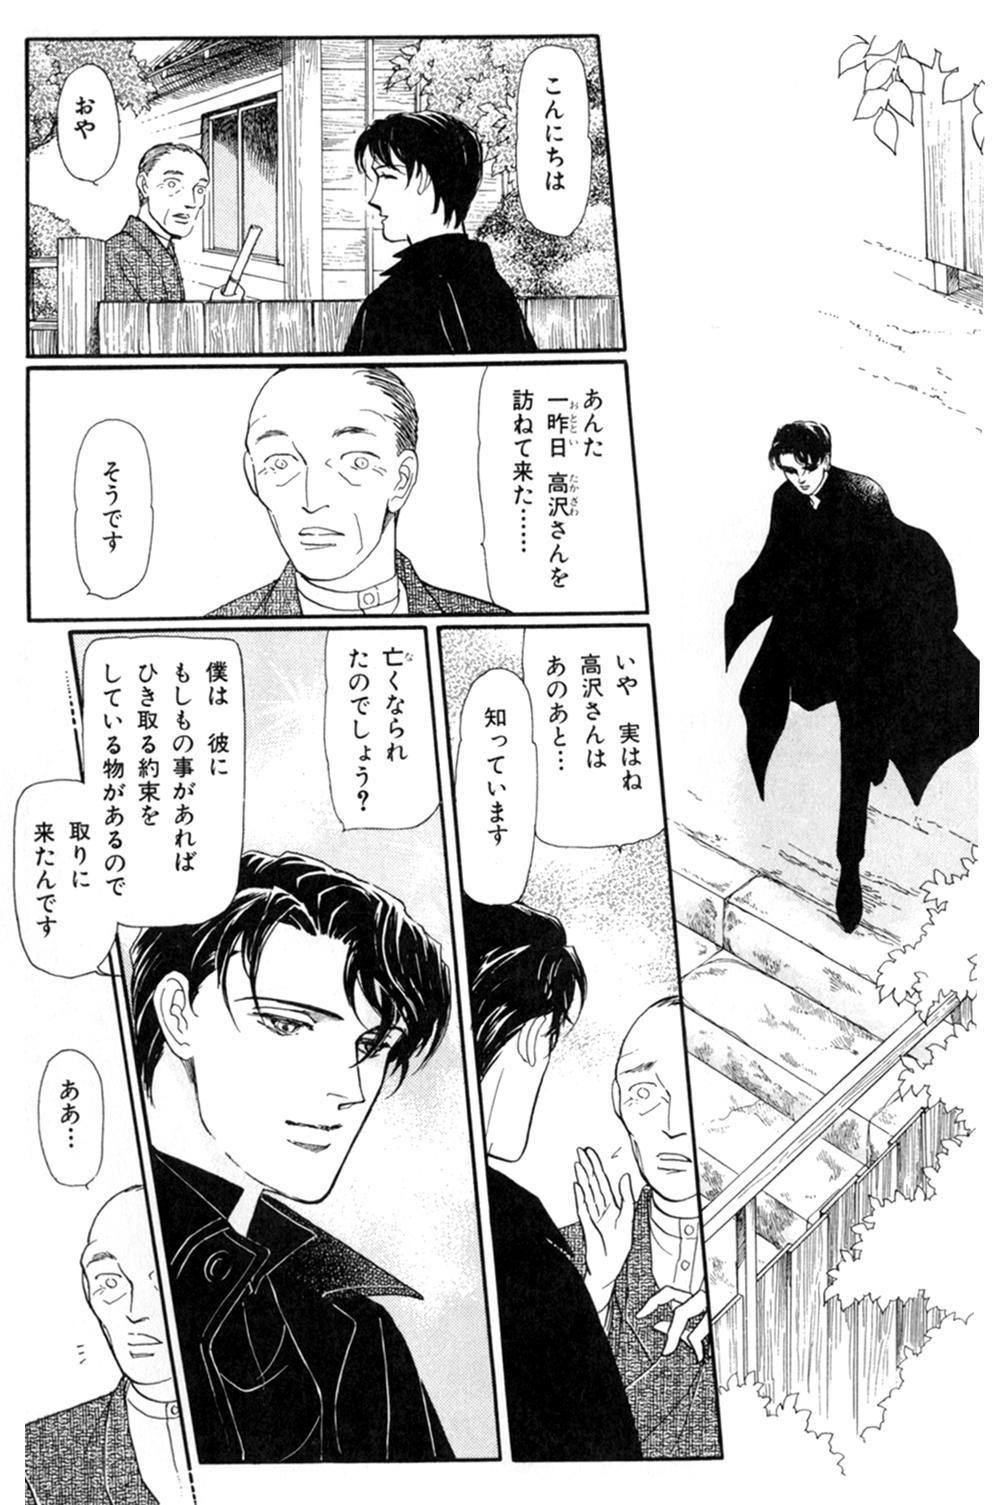 雨柳堂夢咄 第1話「花椿の恋」②uryu19.jpg